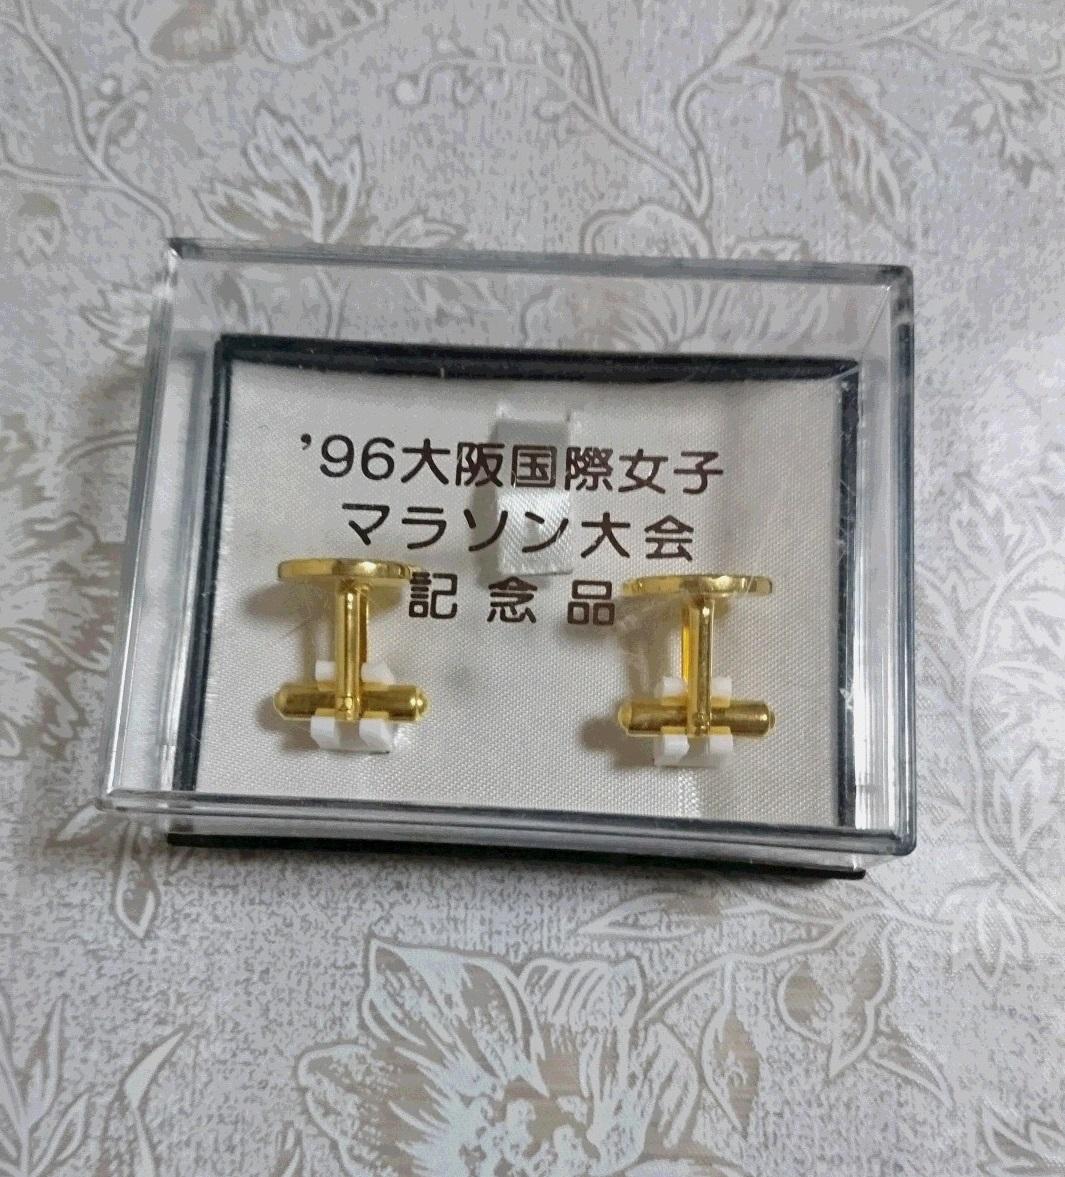 レア 大阪国際女子 マラソン 1996年 大会 記念品 ネクタイピン タイピン カフス 未使用 2m5_画像1